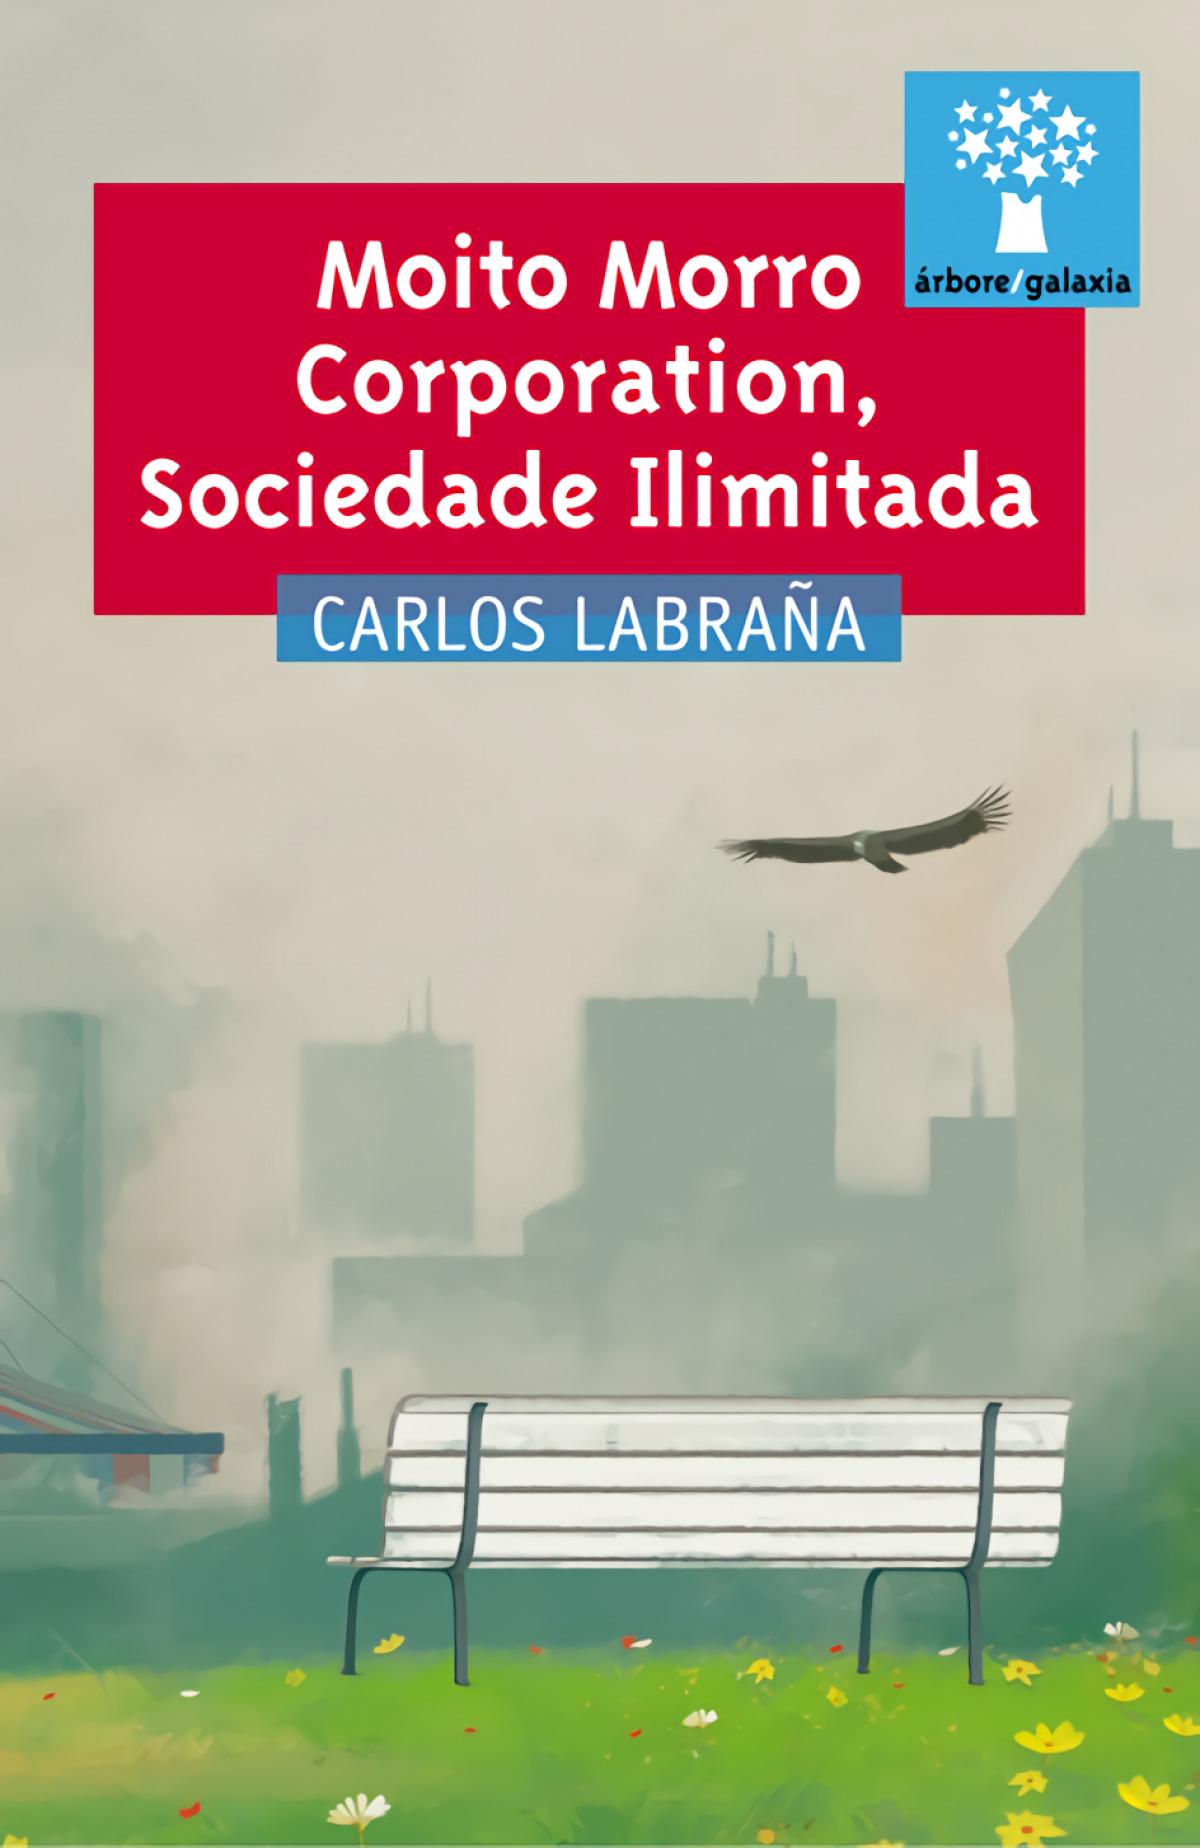 Moito morro corporation, sociedade ilimitada